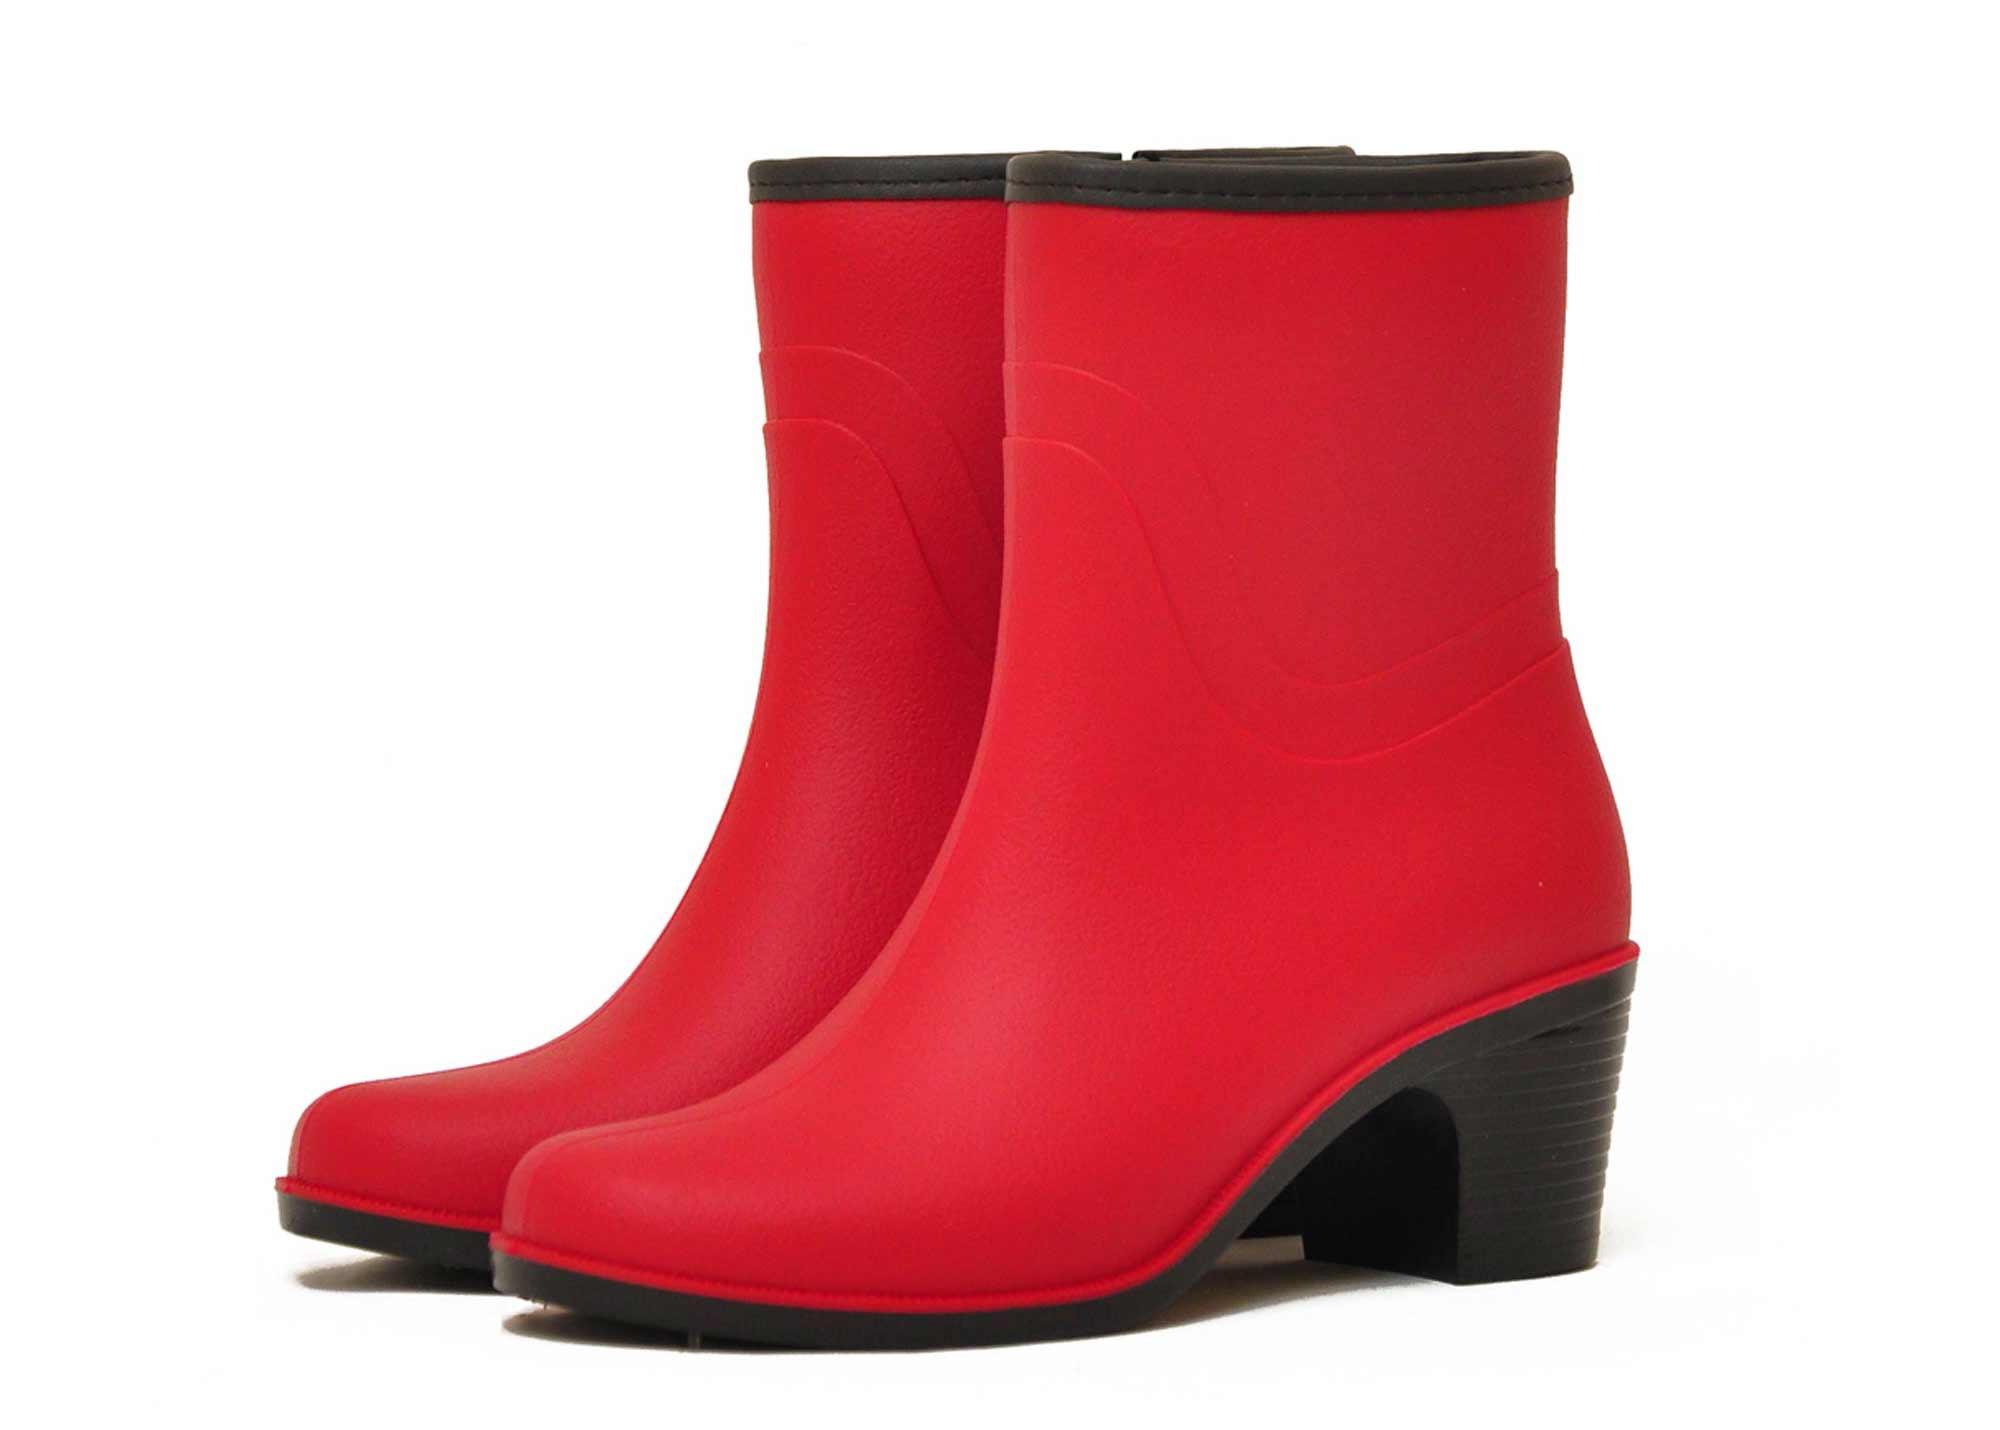 Женские полусапожки Nordman Bellina на каблуке матовые, цвет красный